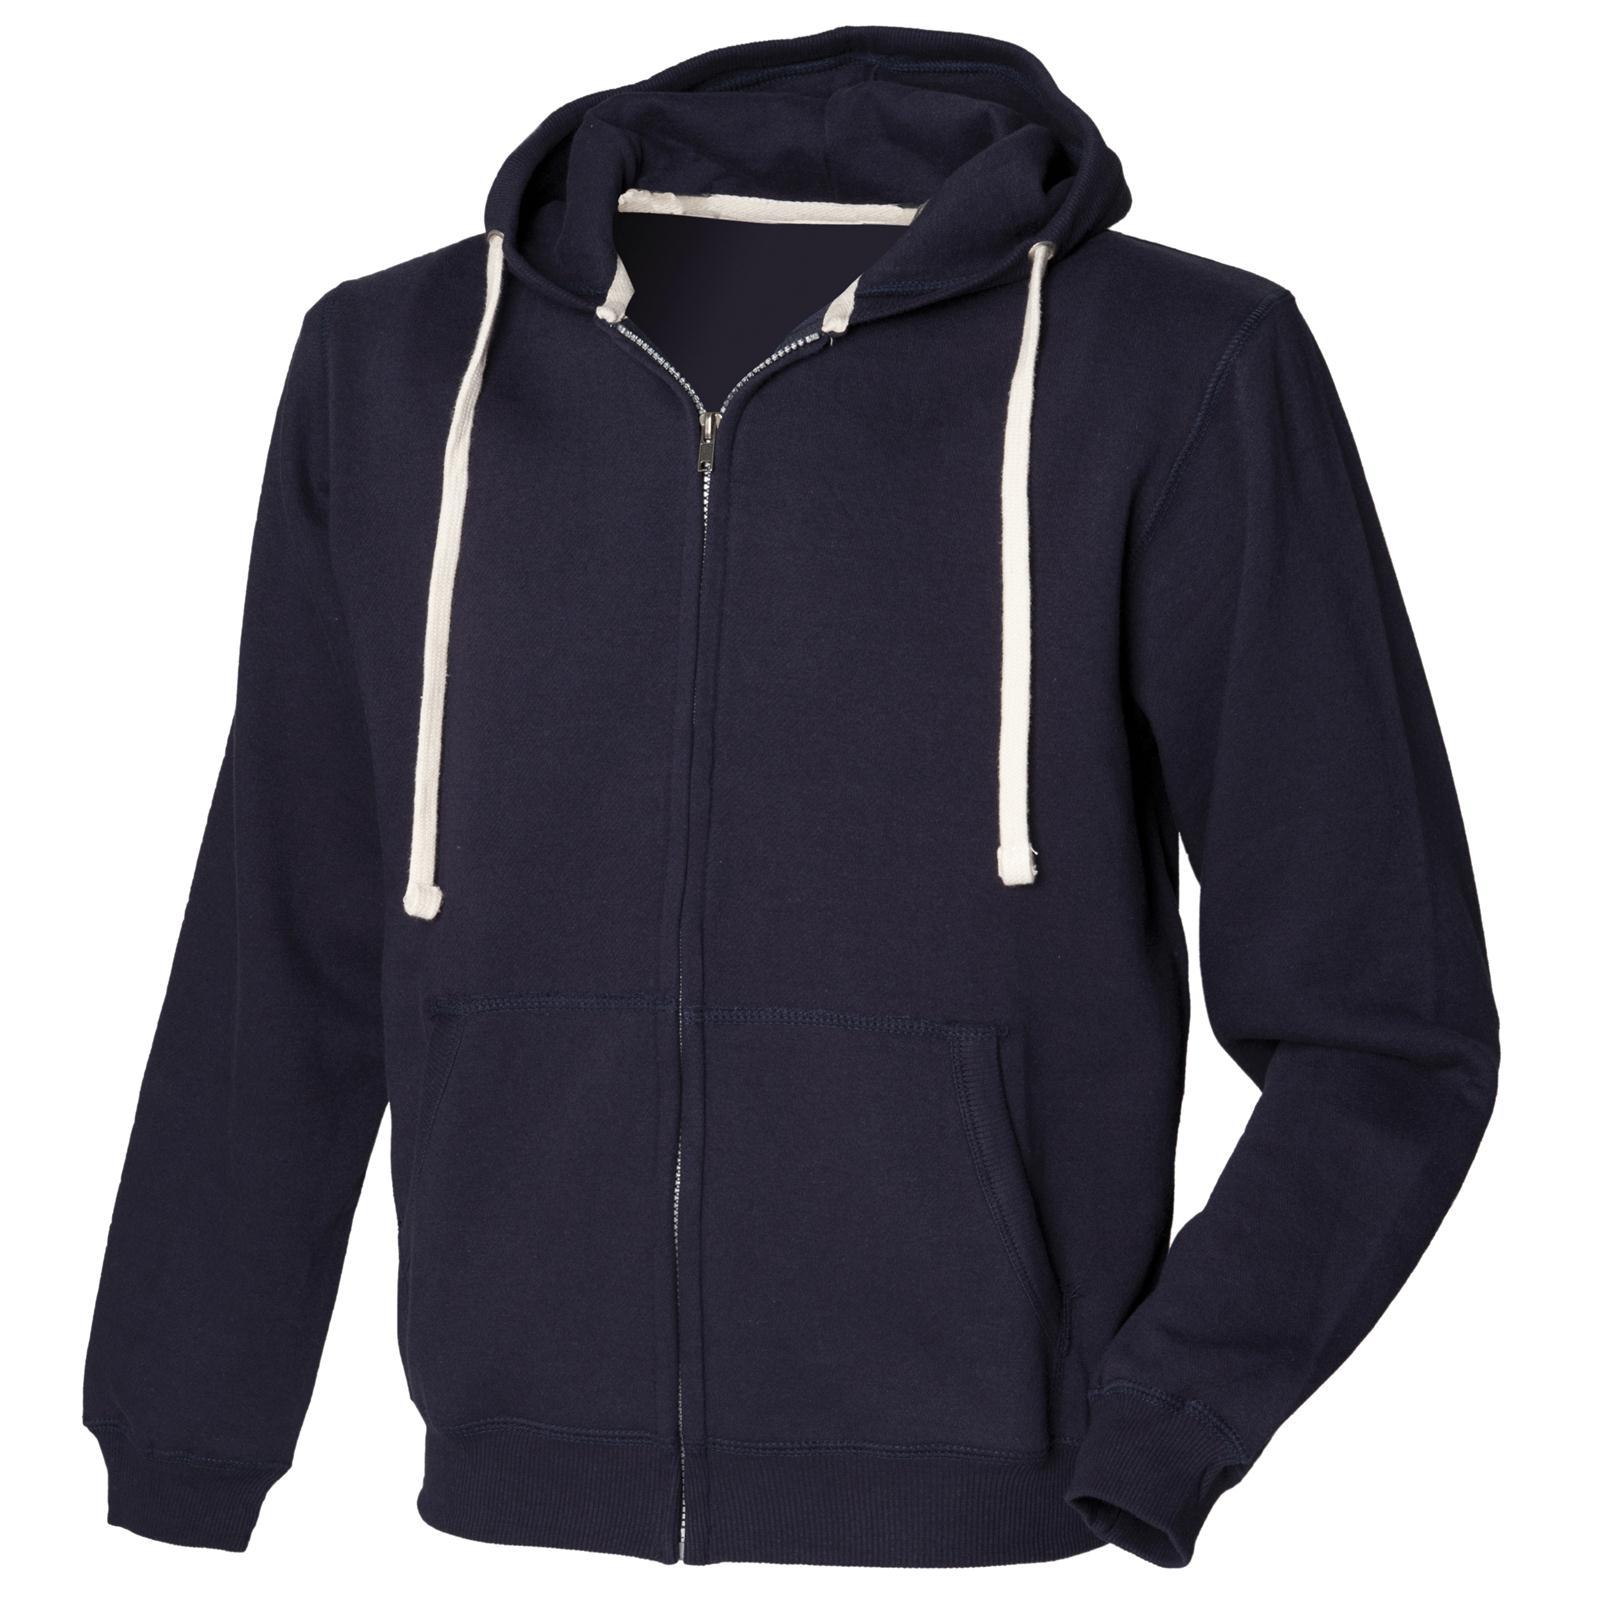 Heavyweight zip hoodie